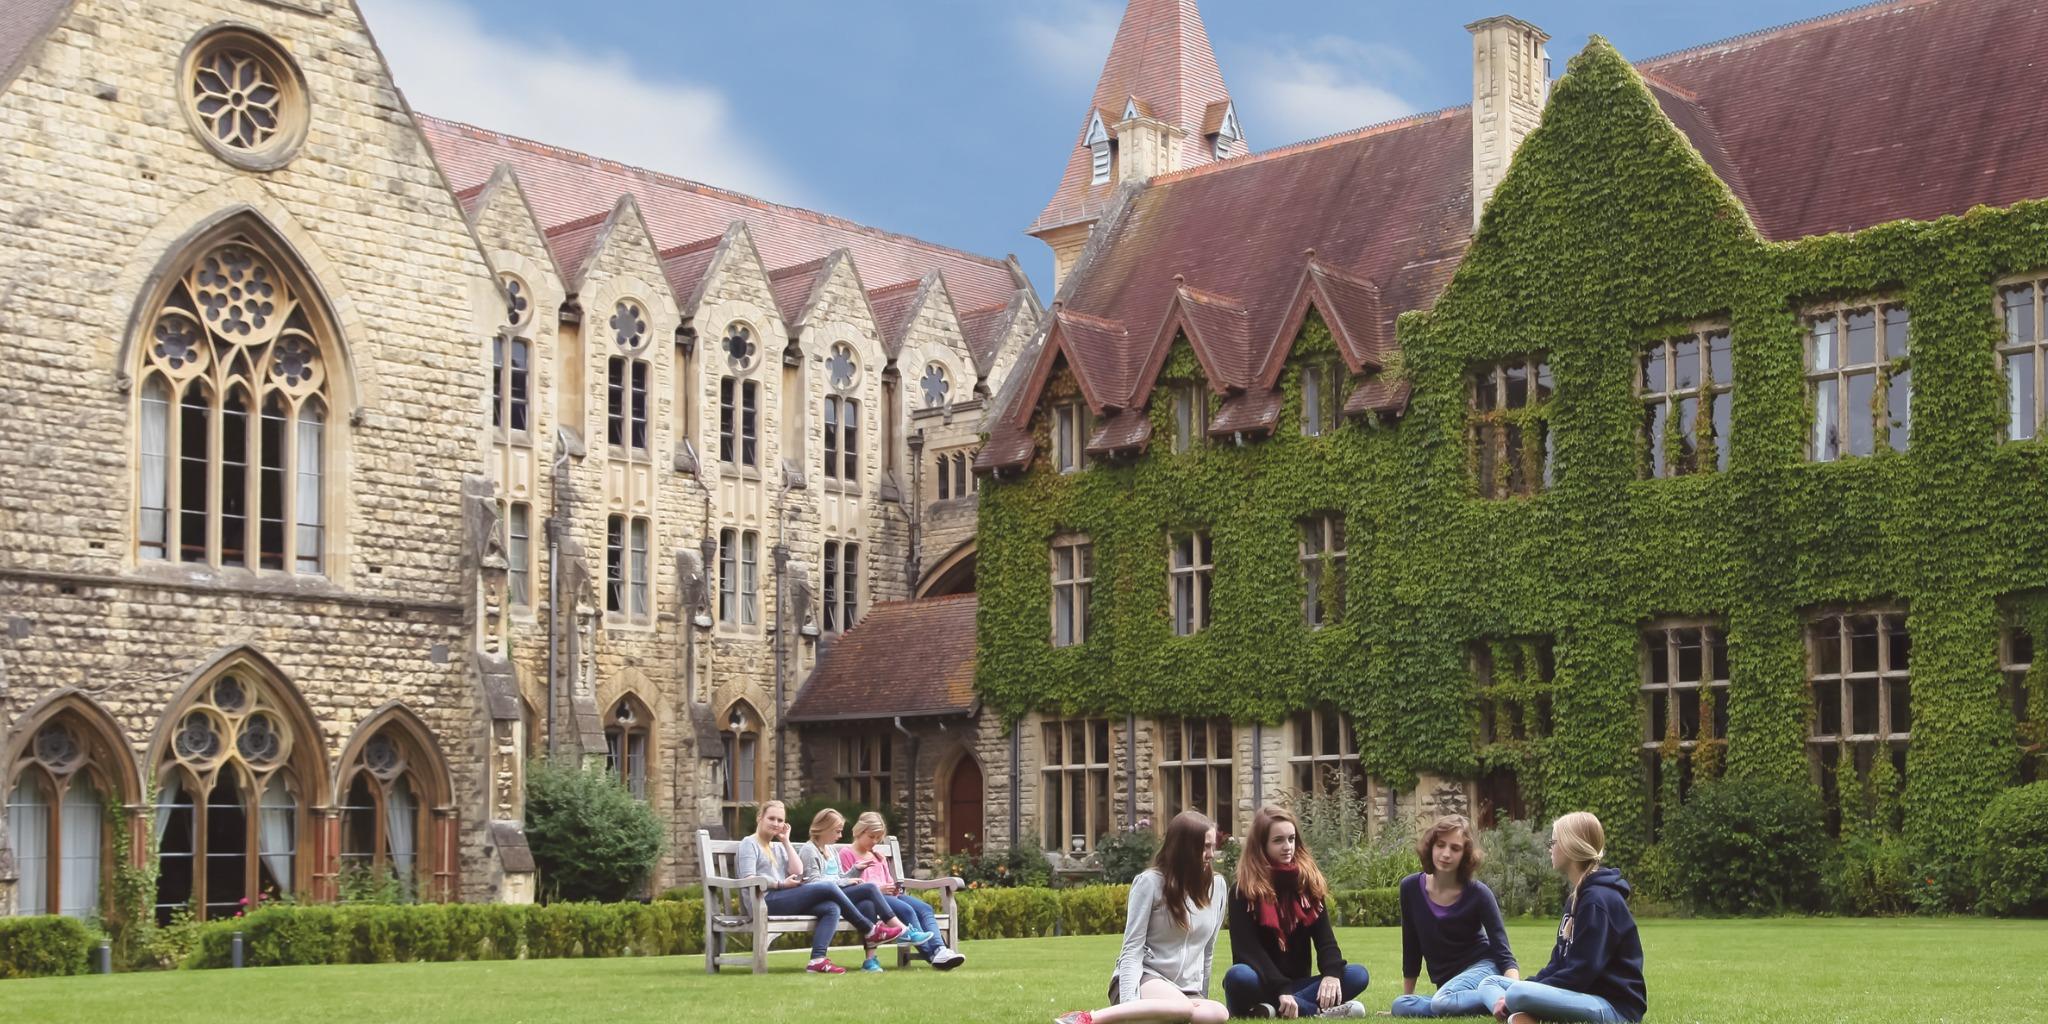 中学生 高校生 夏休み留学 短期留学 イギリス チェルトナム 英語+アクティビティ ボーディングスクール 寮滞在